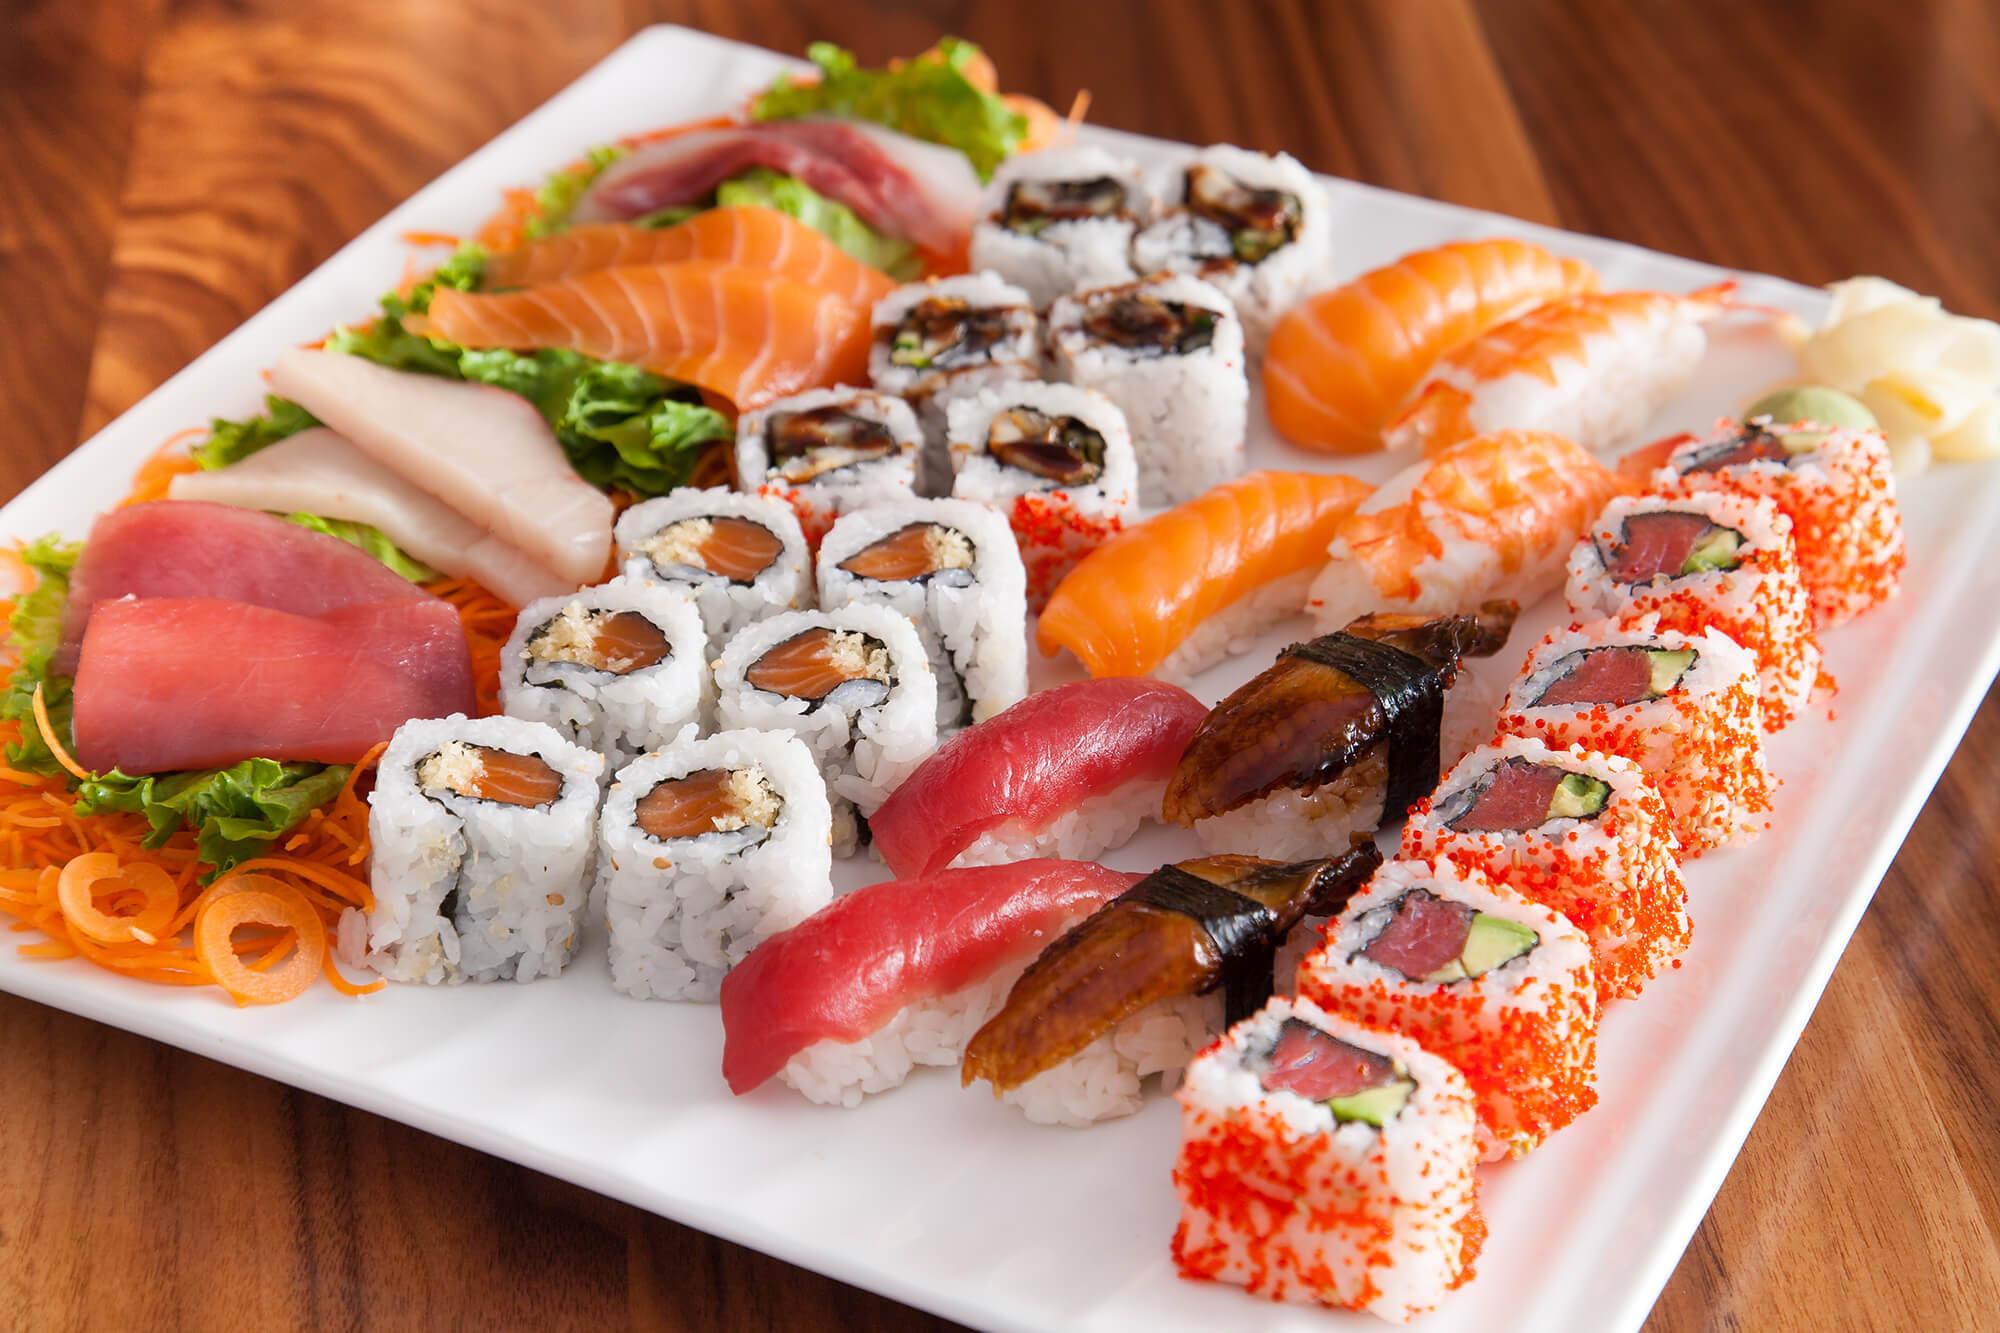 Sushi: come riconoscere quello fresco e buono - CopyBlogger